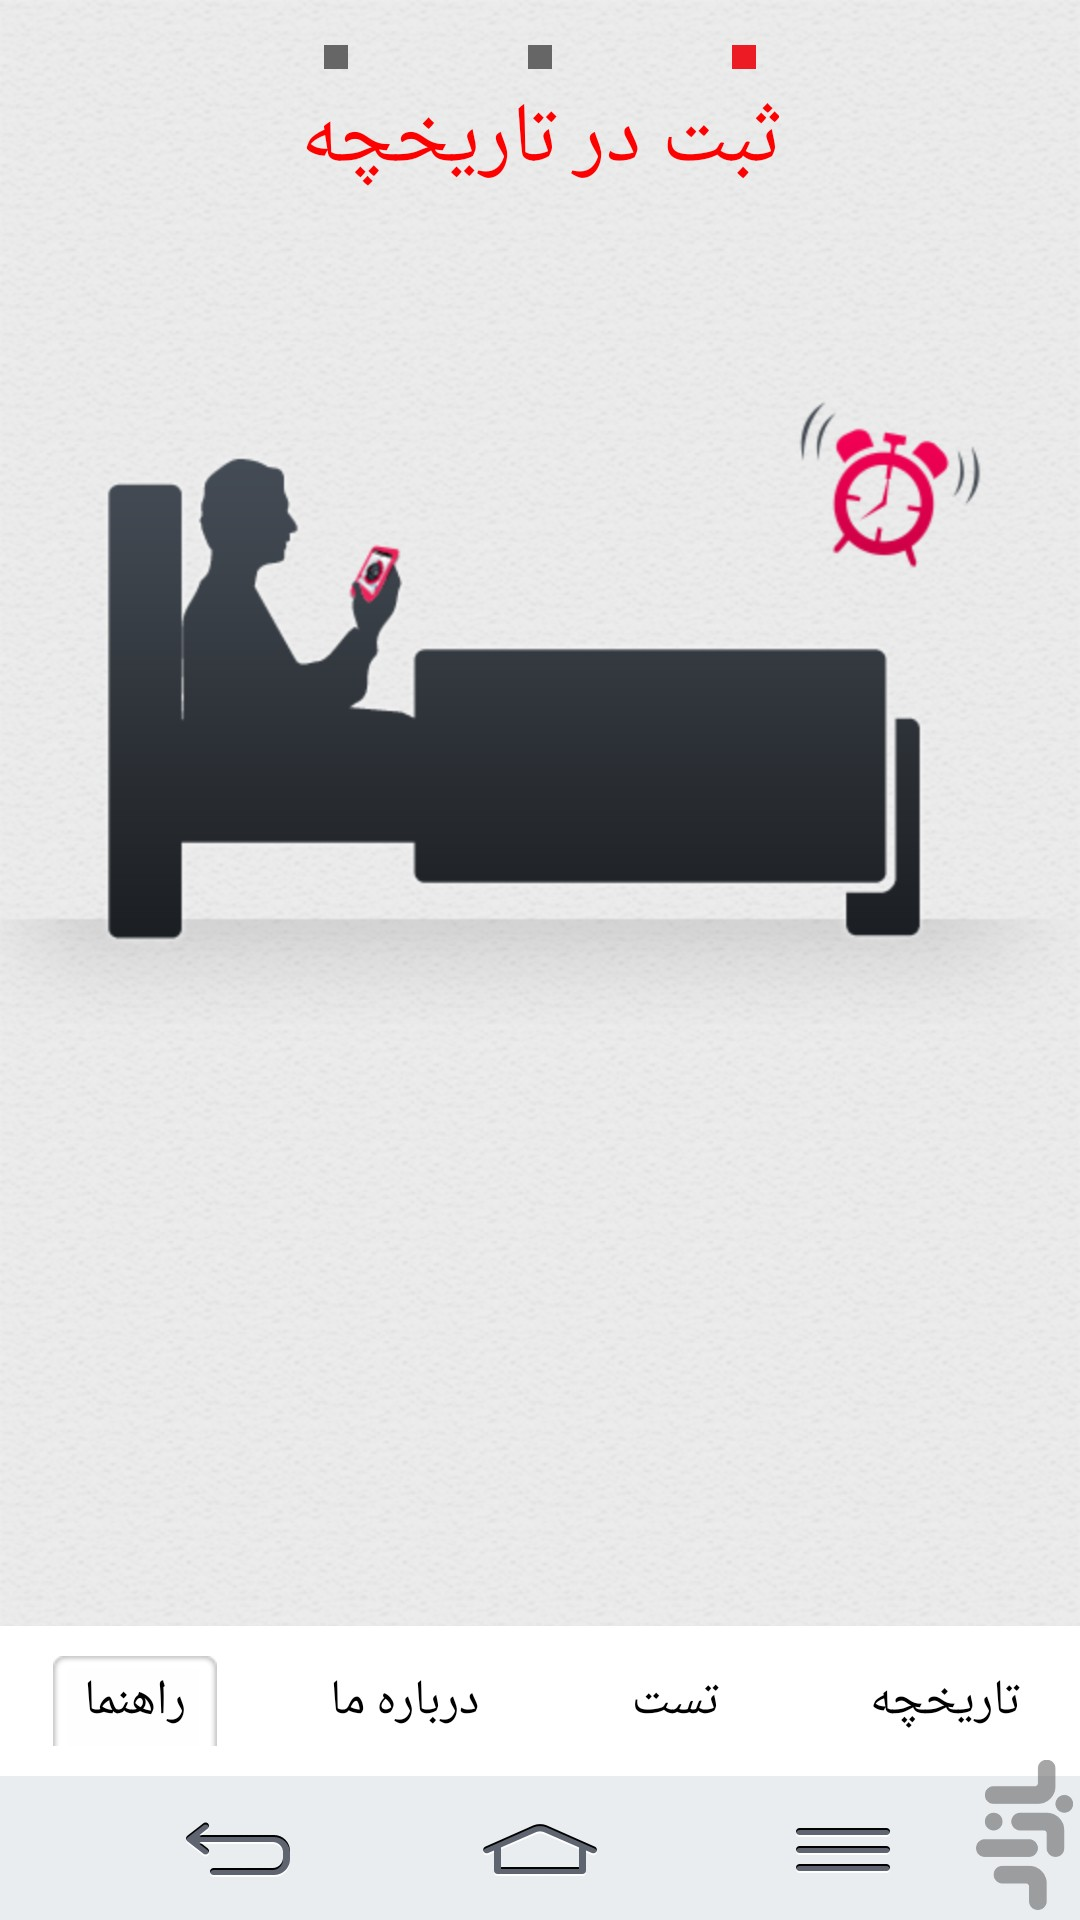 دانلود صدایبوق تپش قلب Скачать تپش ( سنسور ضربان قلب ) APK 1.0 для Андроид - другое скачать бесплатно.